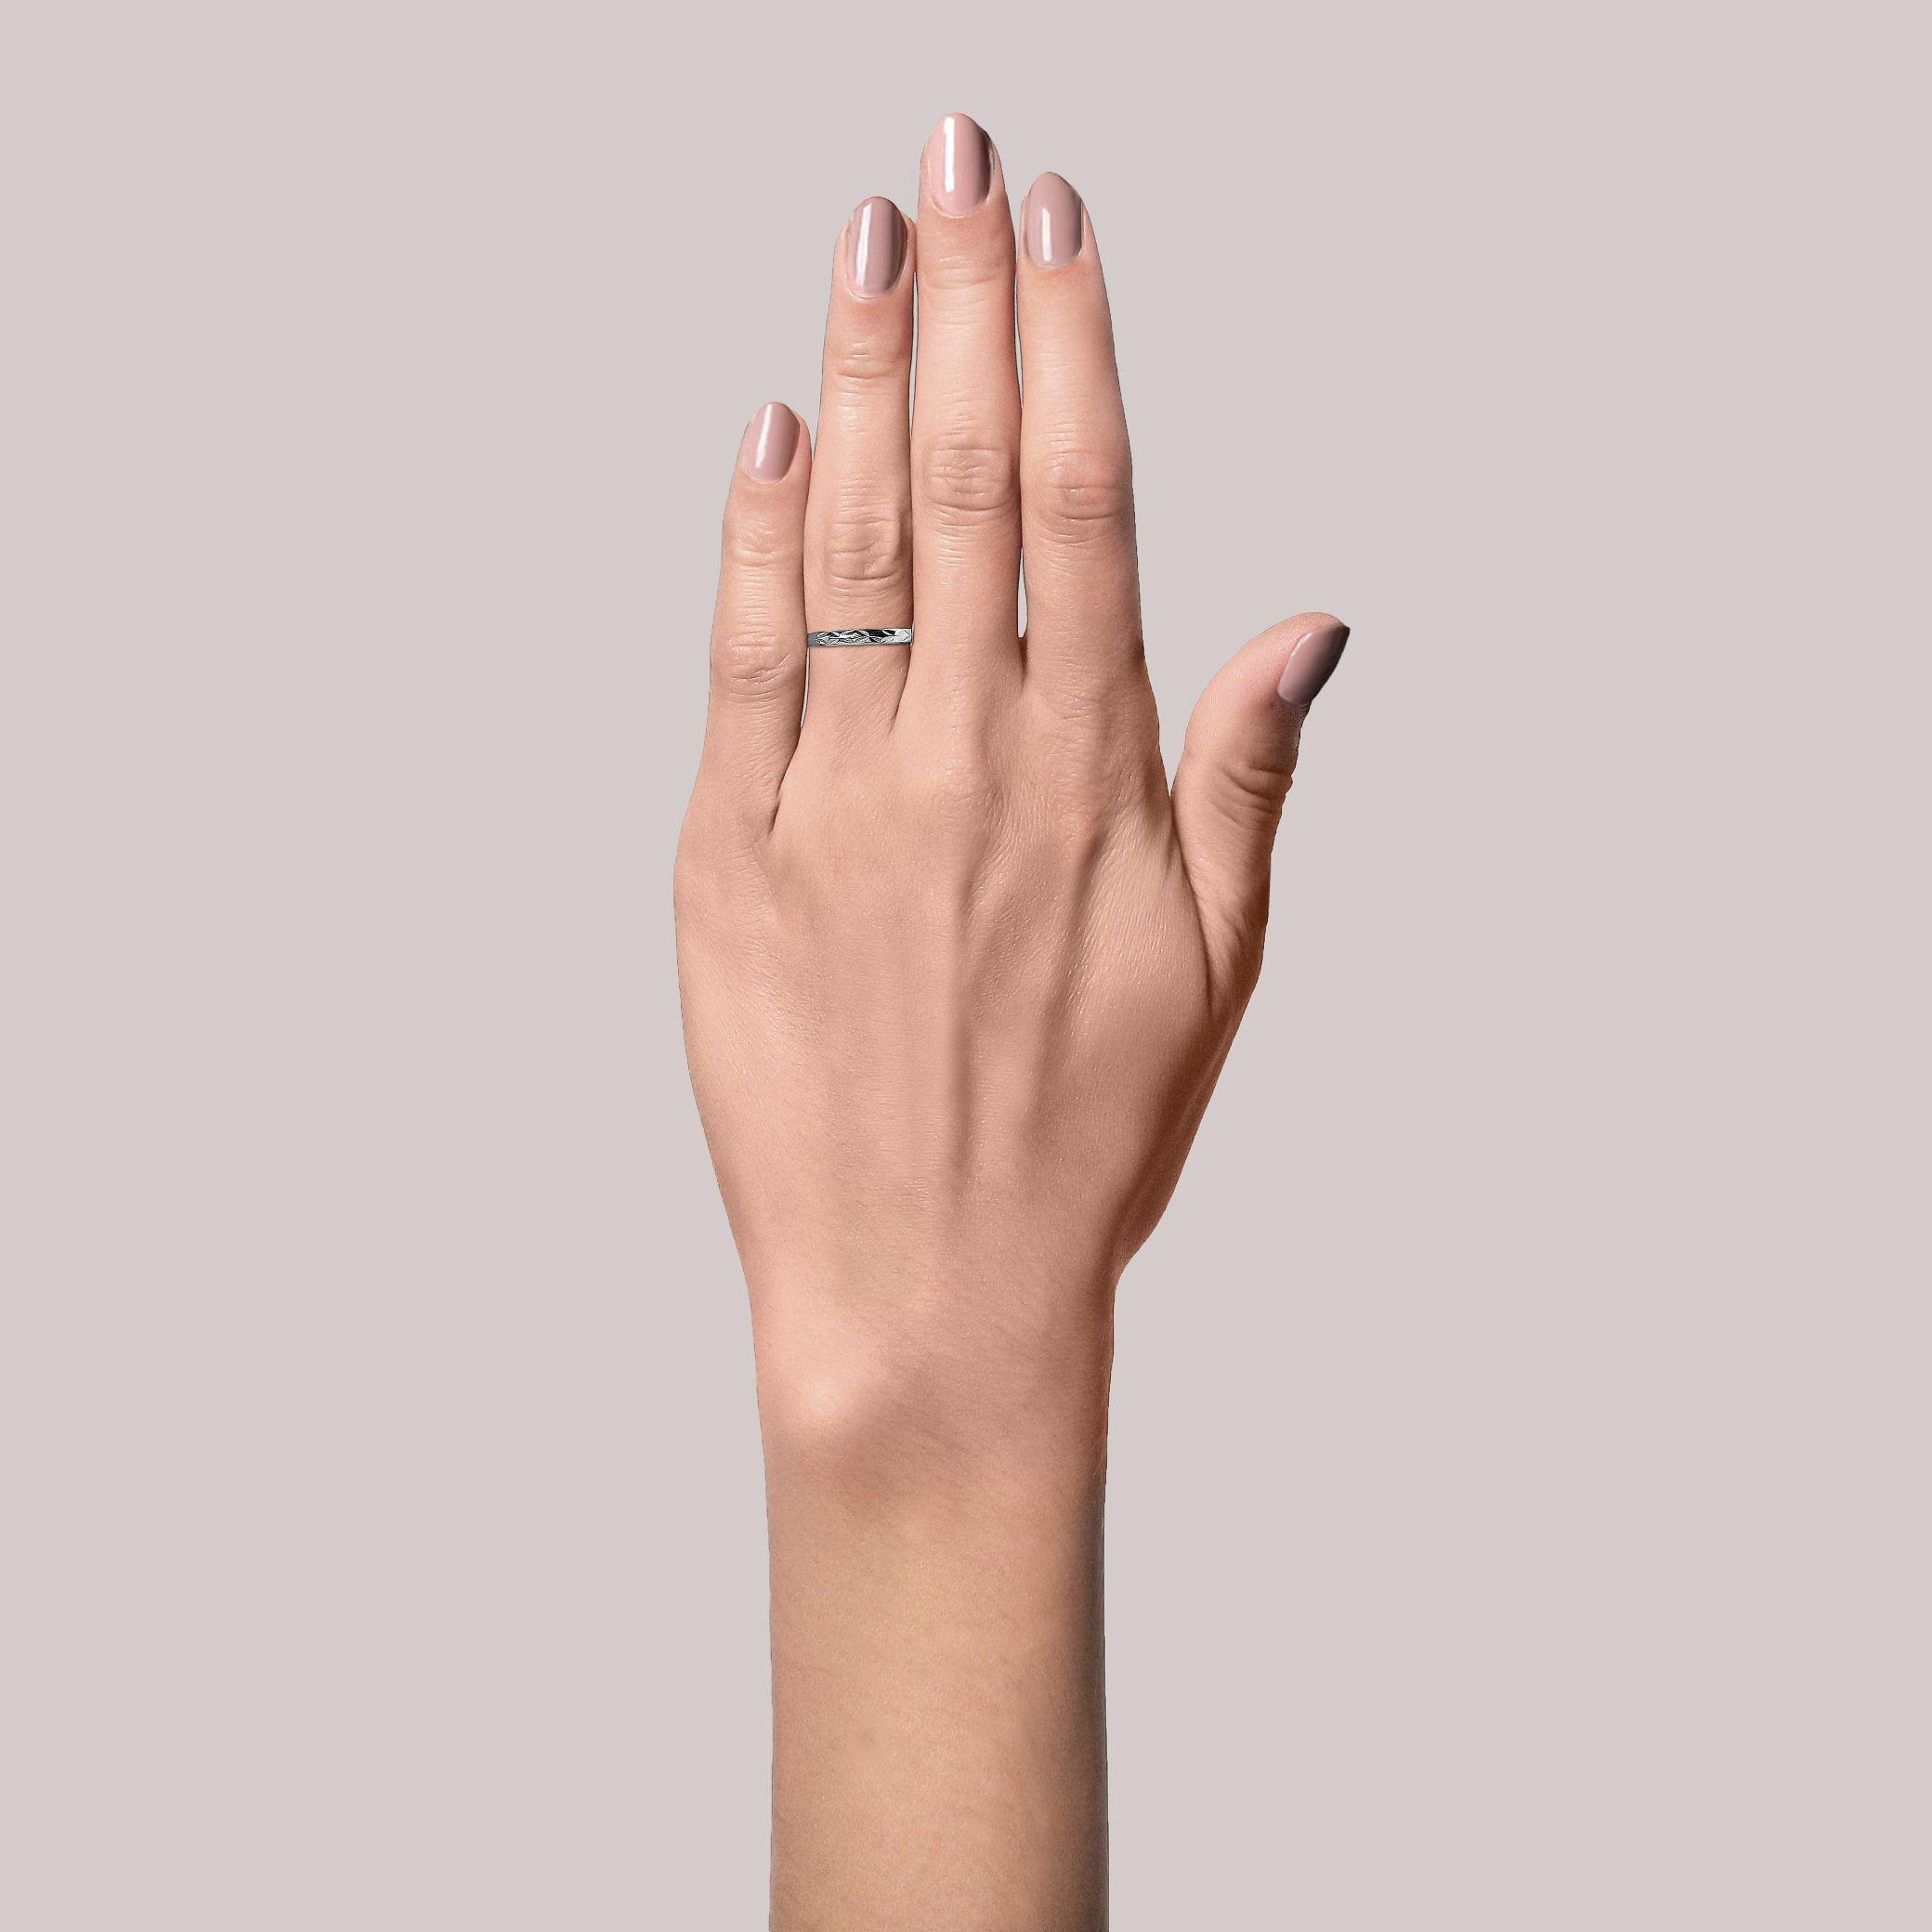 Jane Kønig Impression ring, sølv, 56